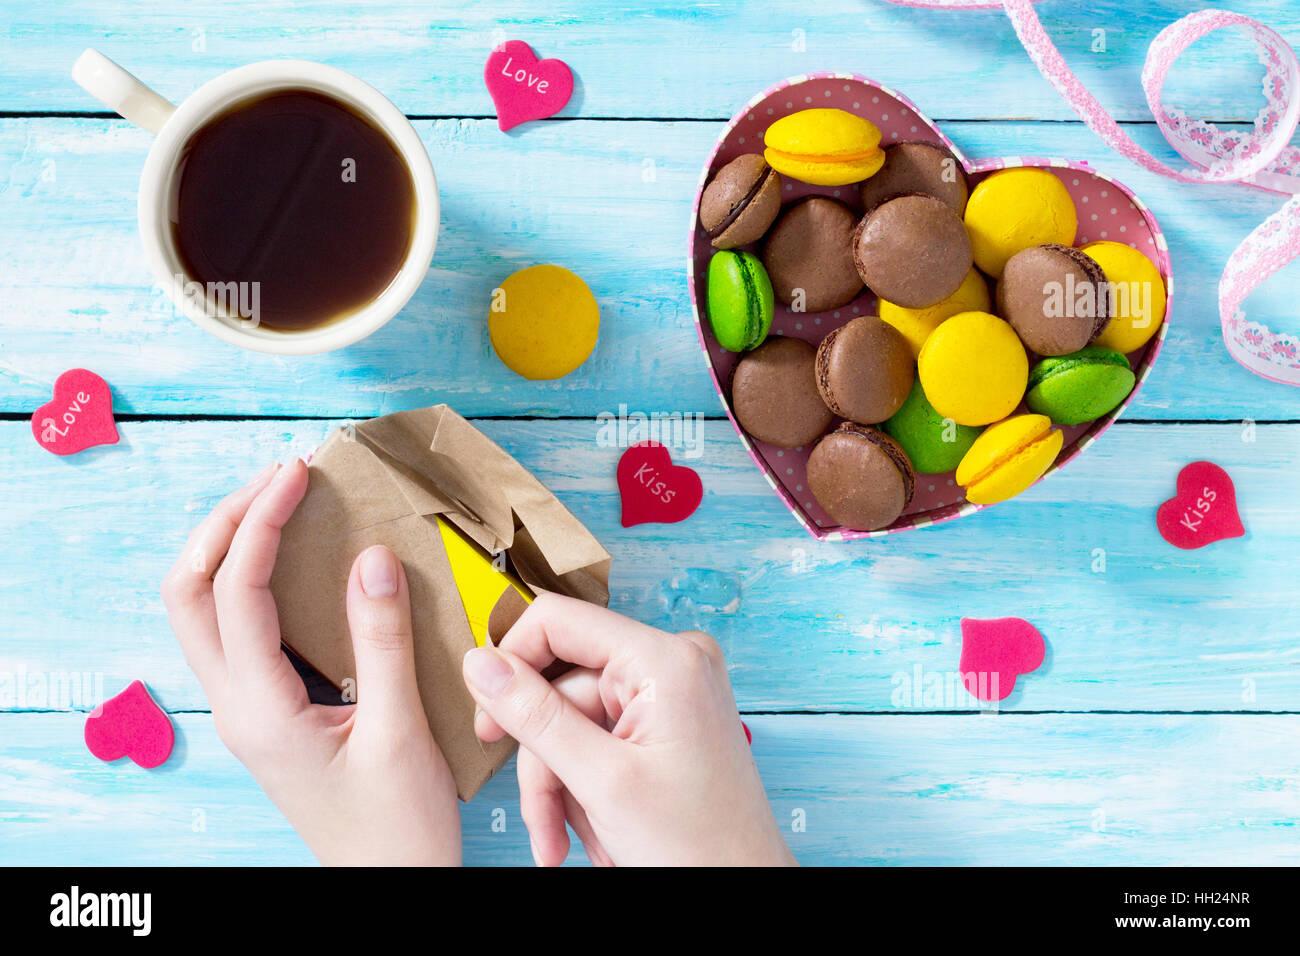 Valentinstag Oder Geburtstag Geschenke Macarons Kuchen Mit Herz Auf